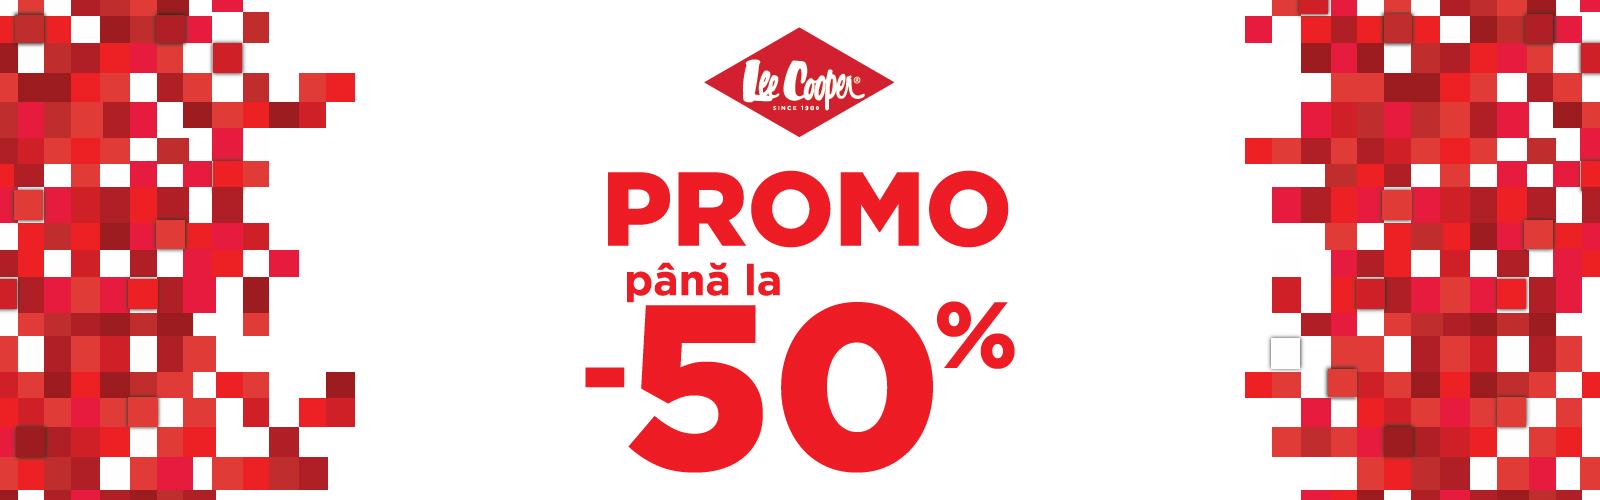 lee+cooper+reduceri+50%+felicia+iasi